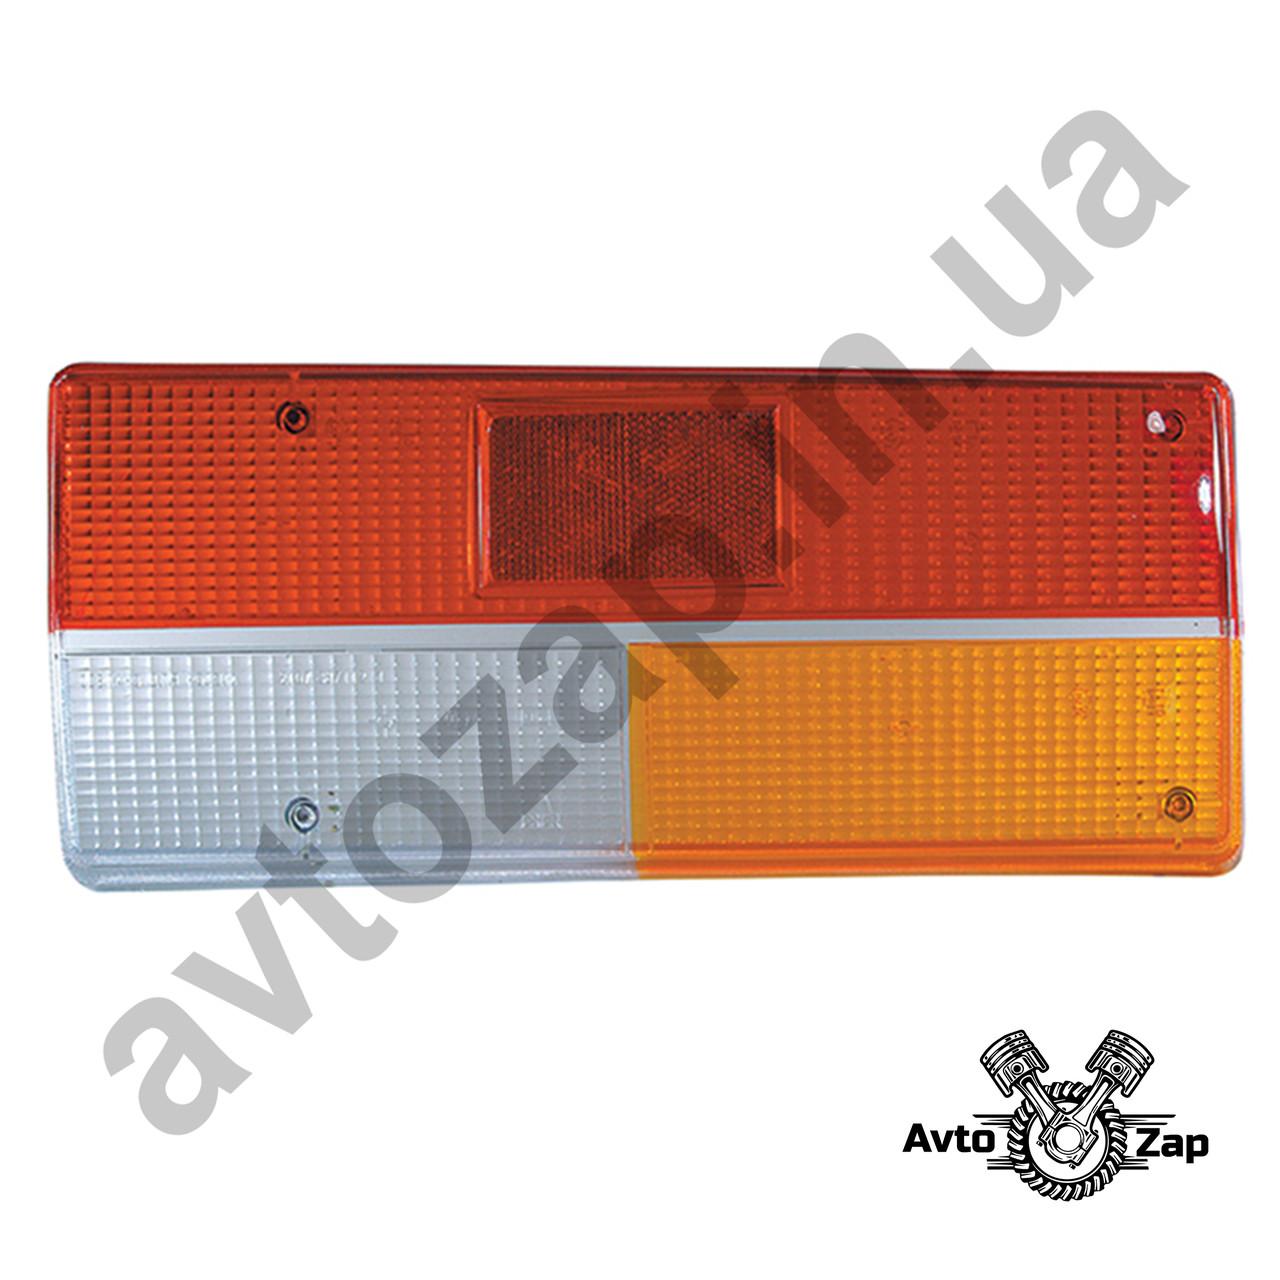 Рассеиватель заднего фонаря ВАЗ 2107 желтый указатель (к-т лев.,прав) . 60957